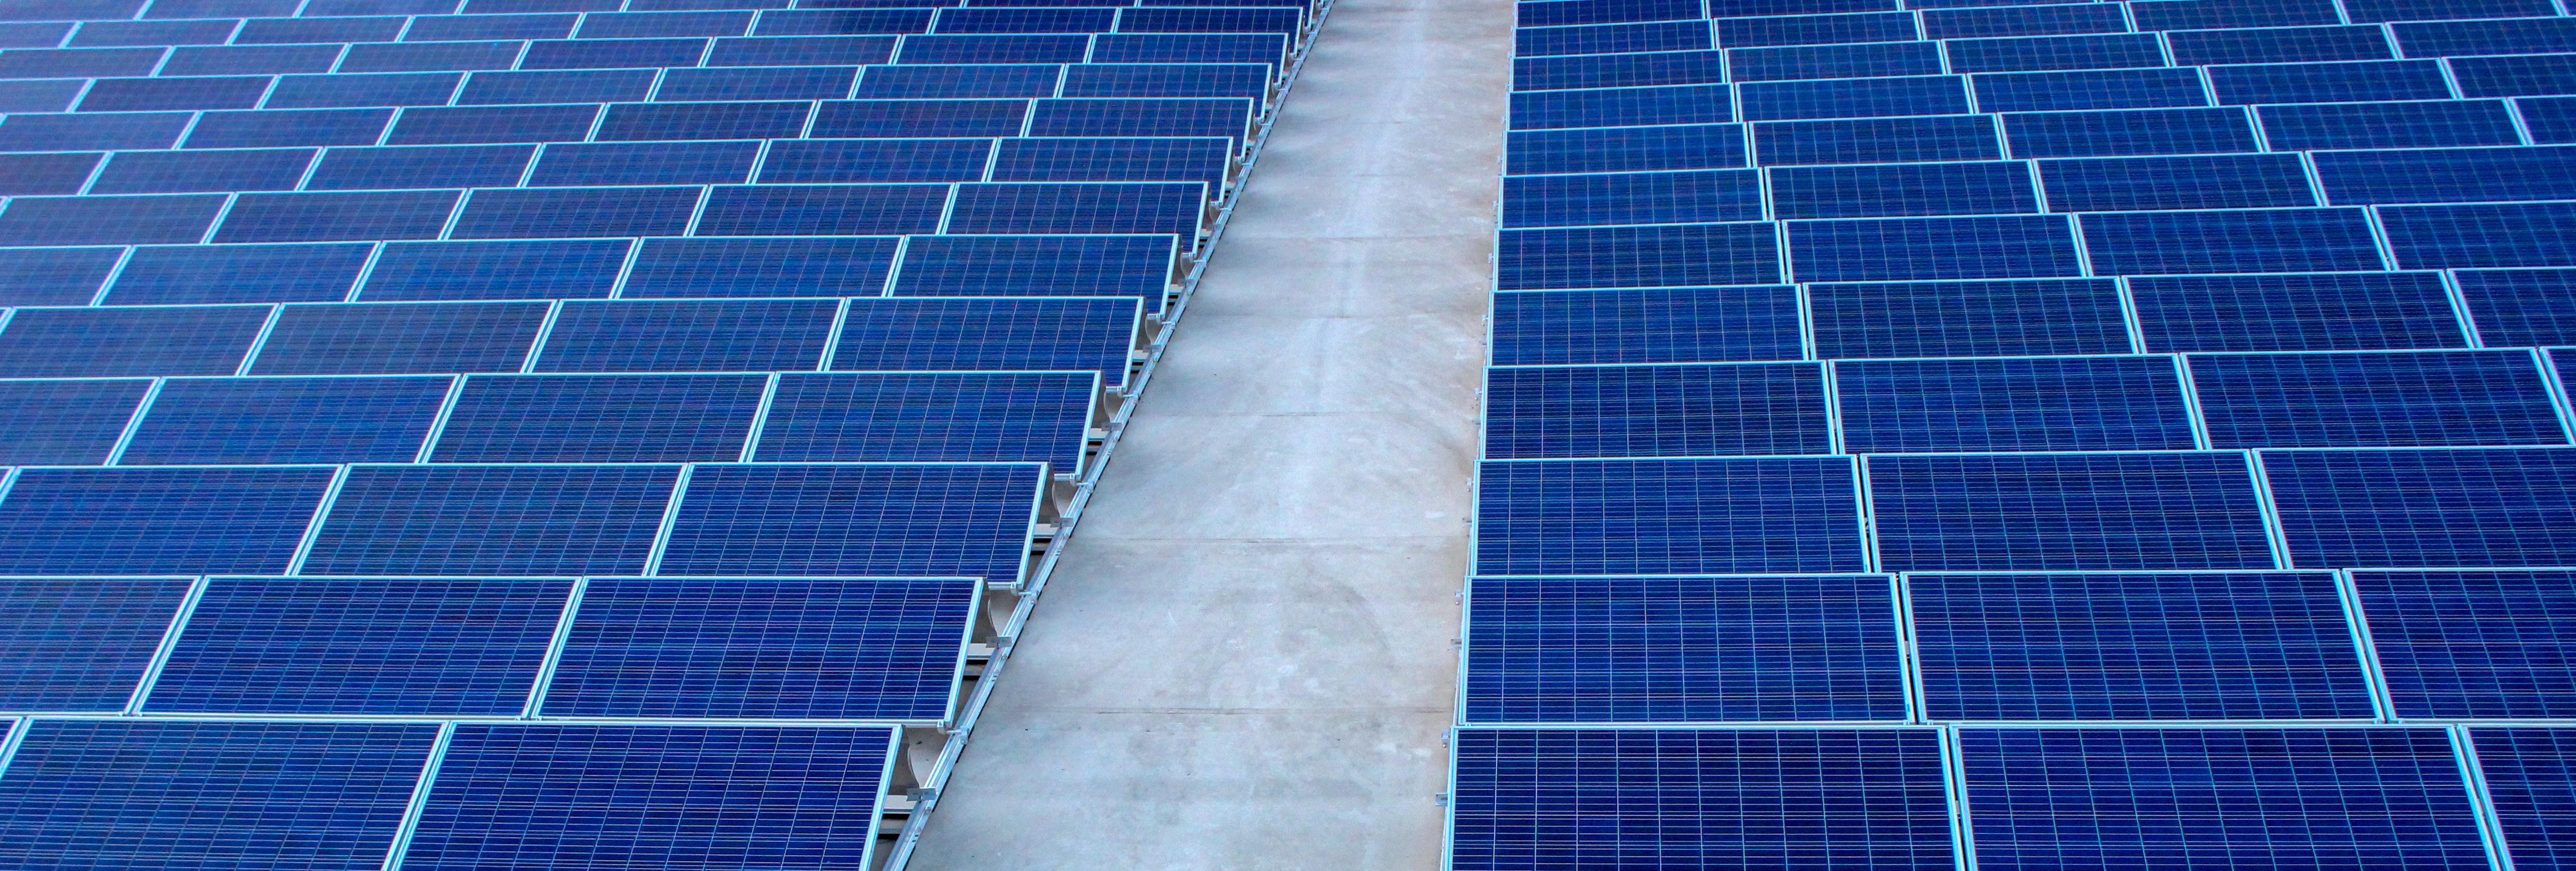 Energía solar: cuáles son sus ventajas para hogares y oficinas